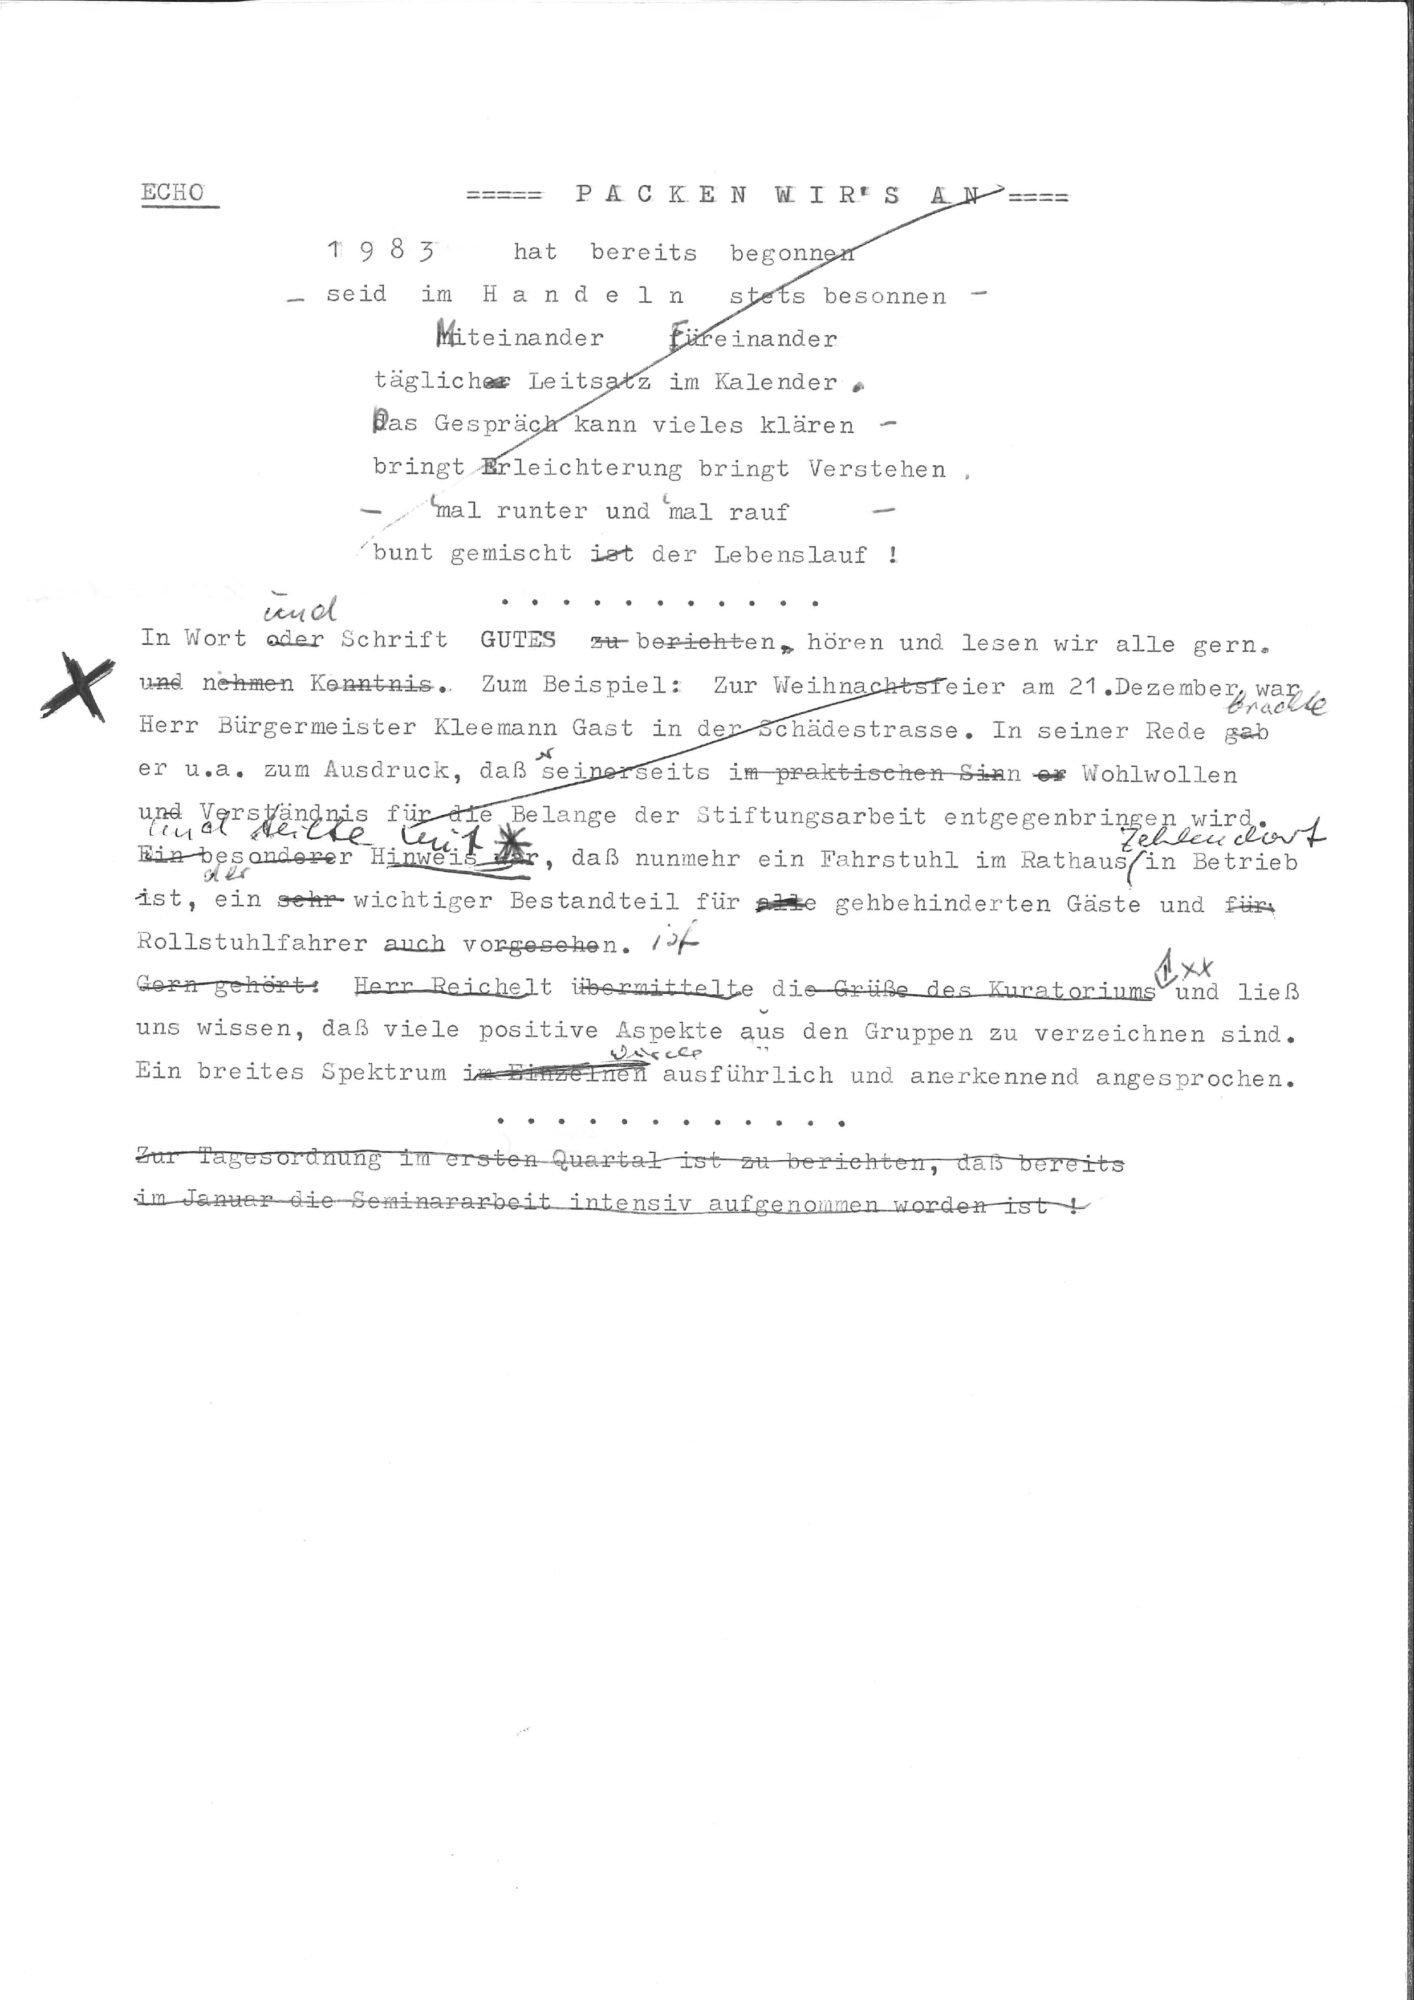 Scan einer Text-Korrektur.